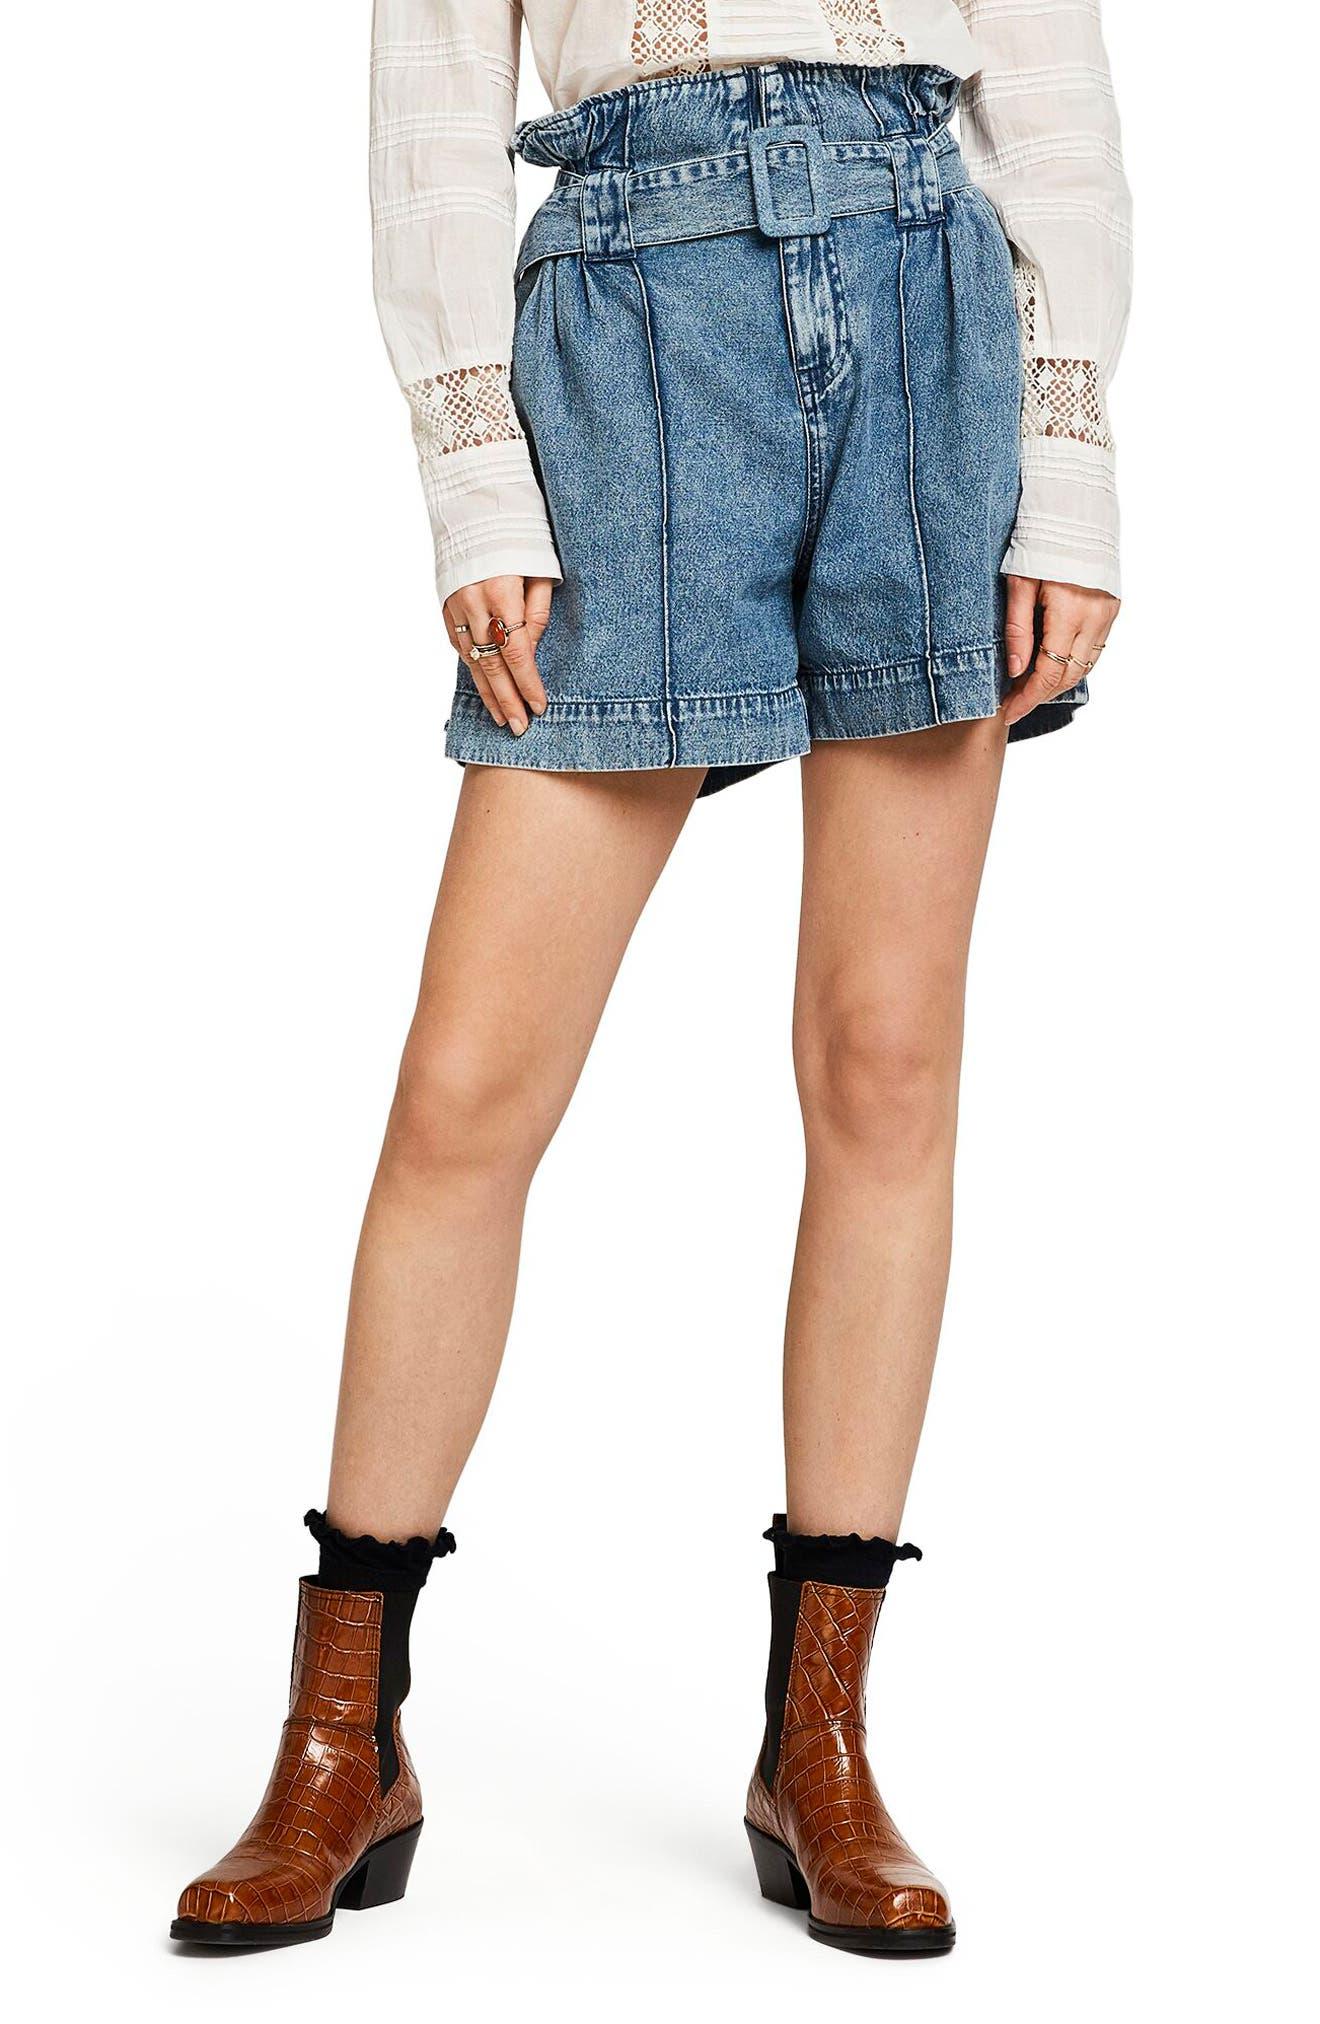 Vintage High Waisted Shorts, Sailor Shorts, Retro Shorts Womens Scotch  Soda High Paperbag Waist Denim Shorts $145.00 AT vintagedancer.com